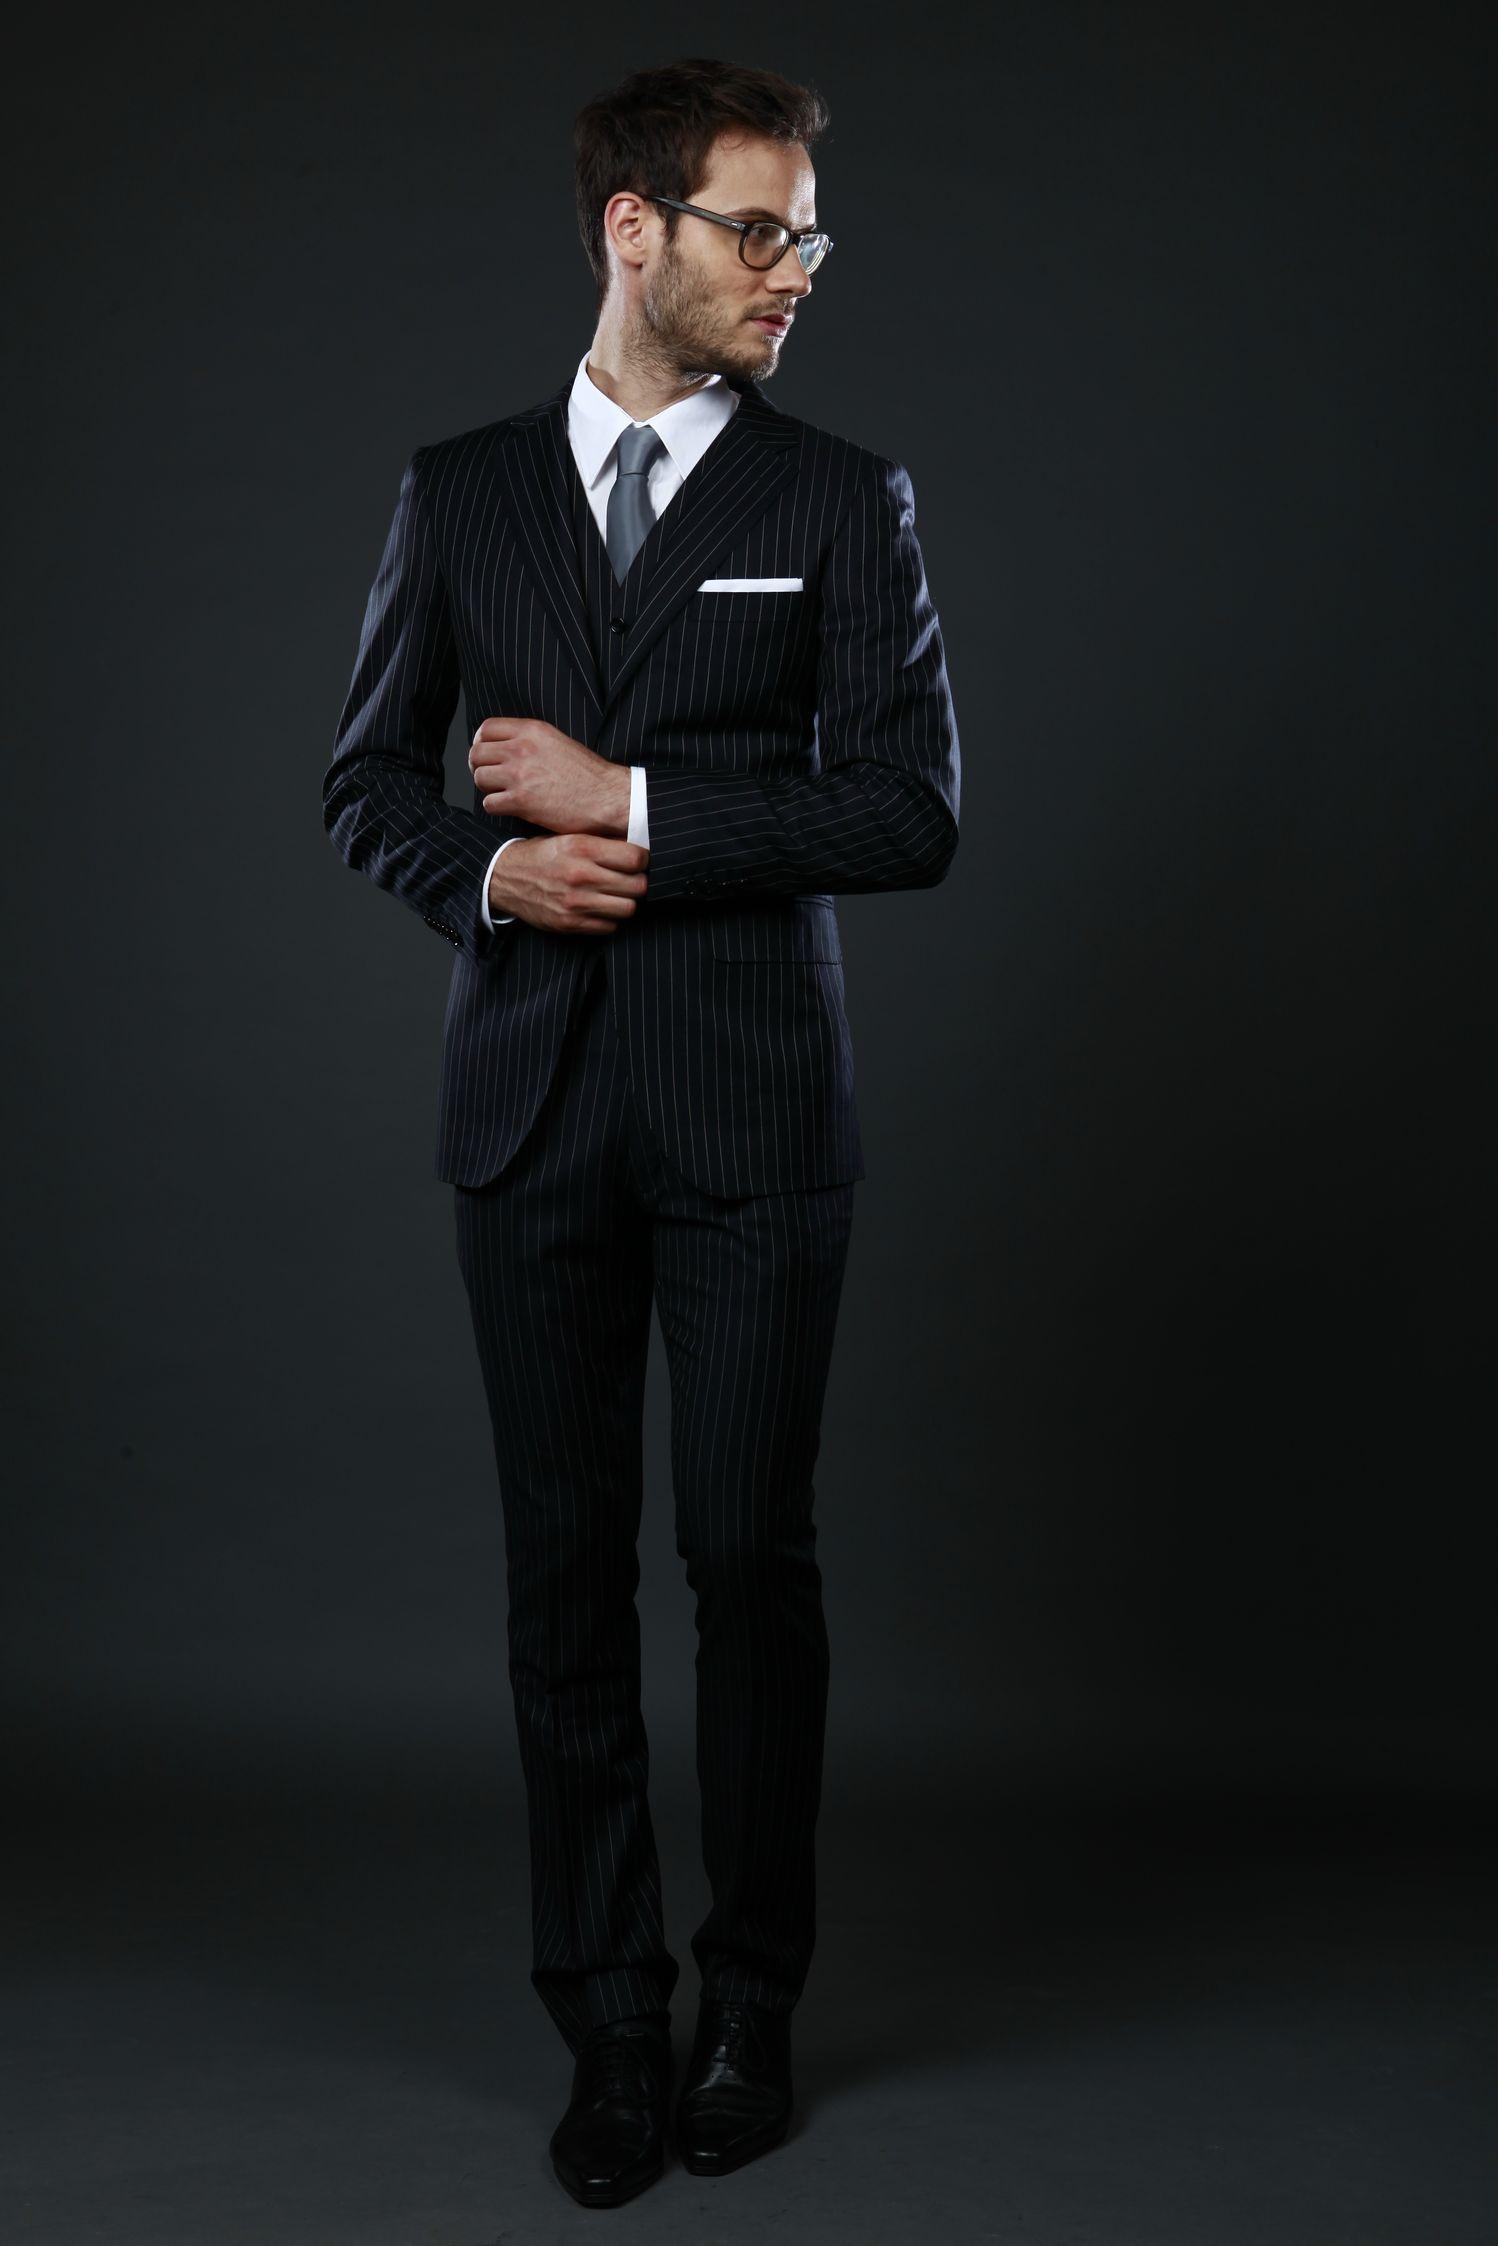 costume et chemise sur mesure pour homme paris lyon tailor corner. Black Bedroom Furniture Sets. Home Design Ideas